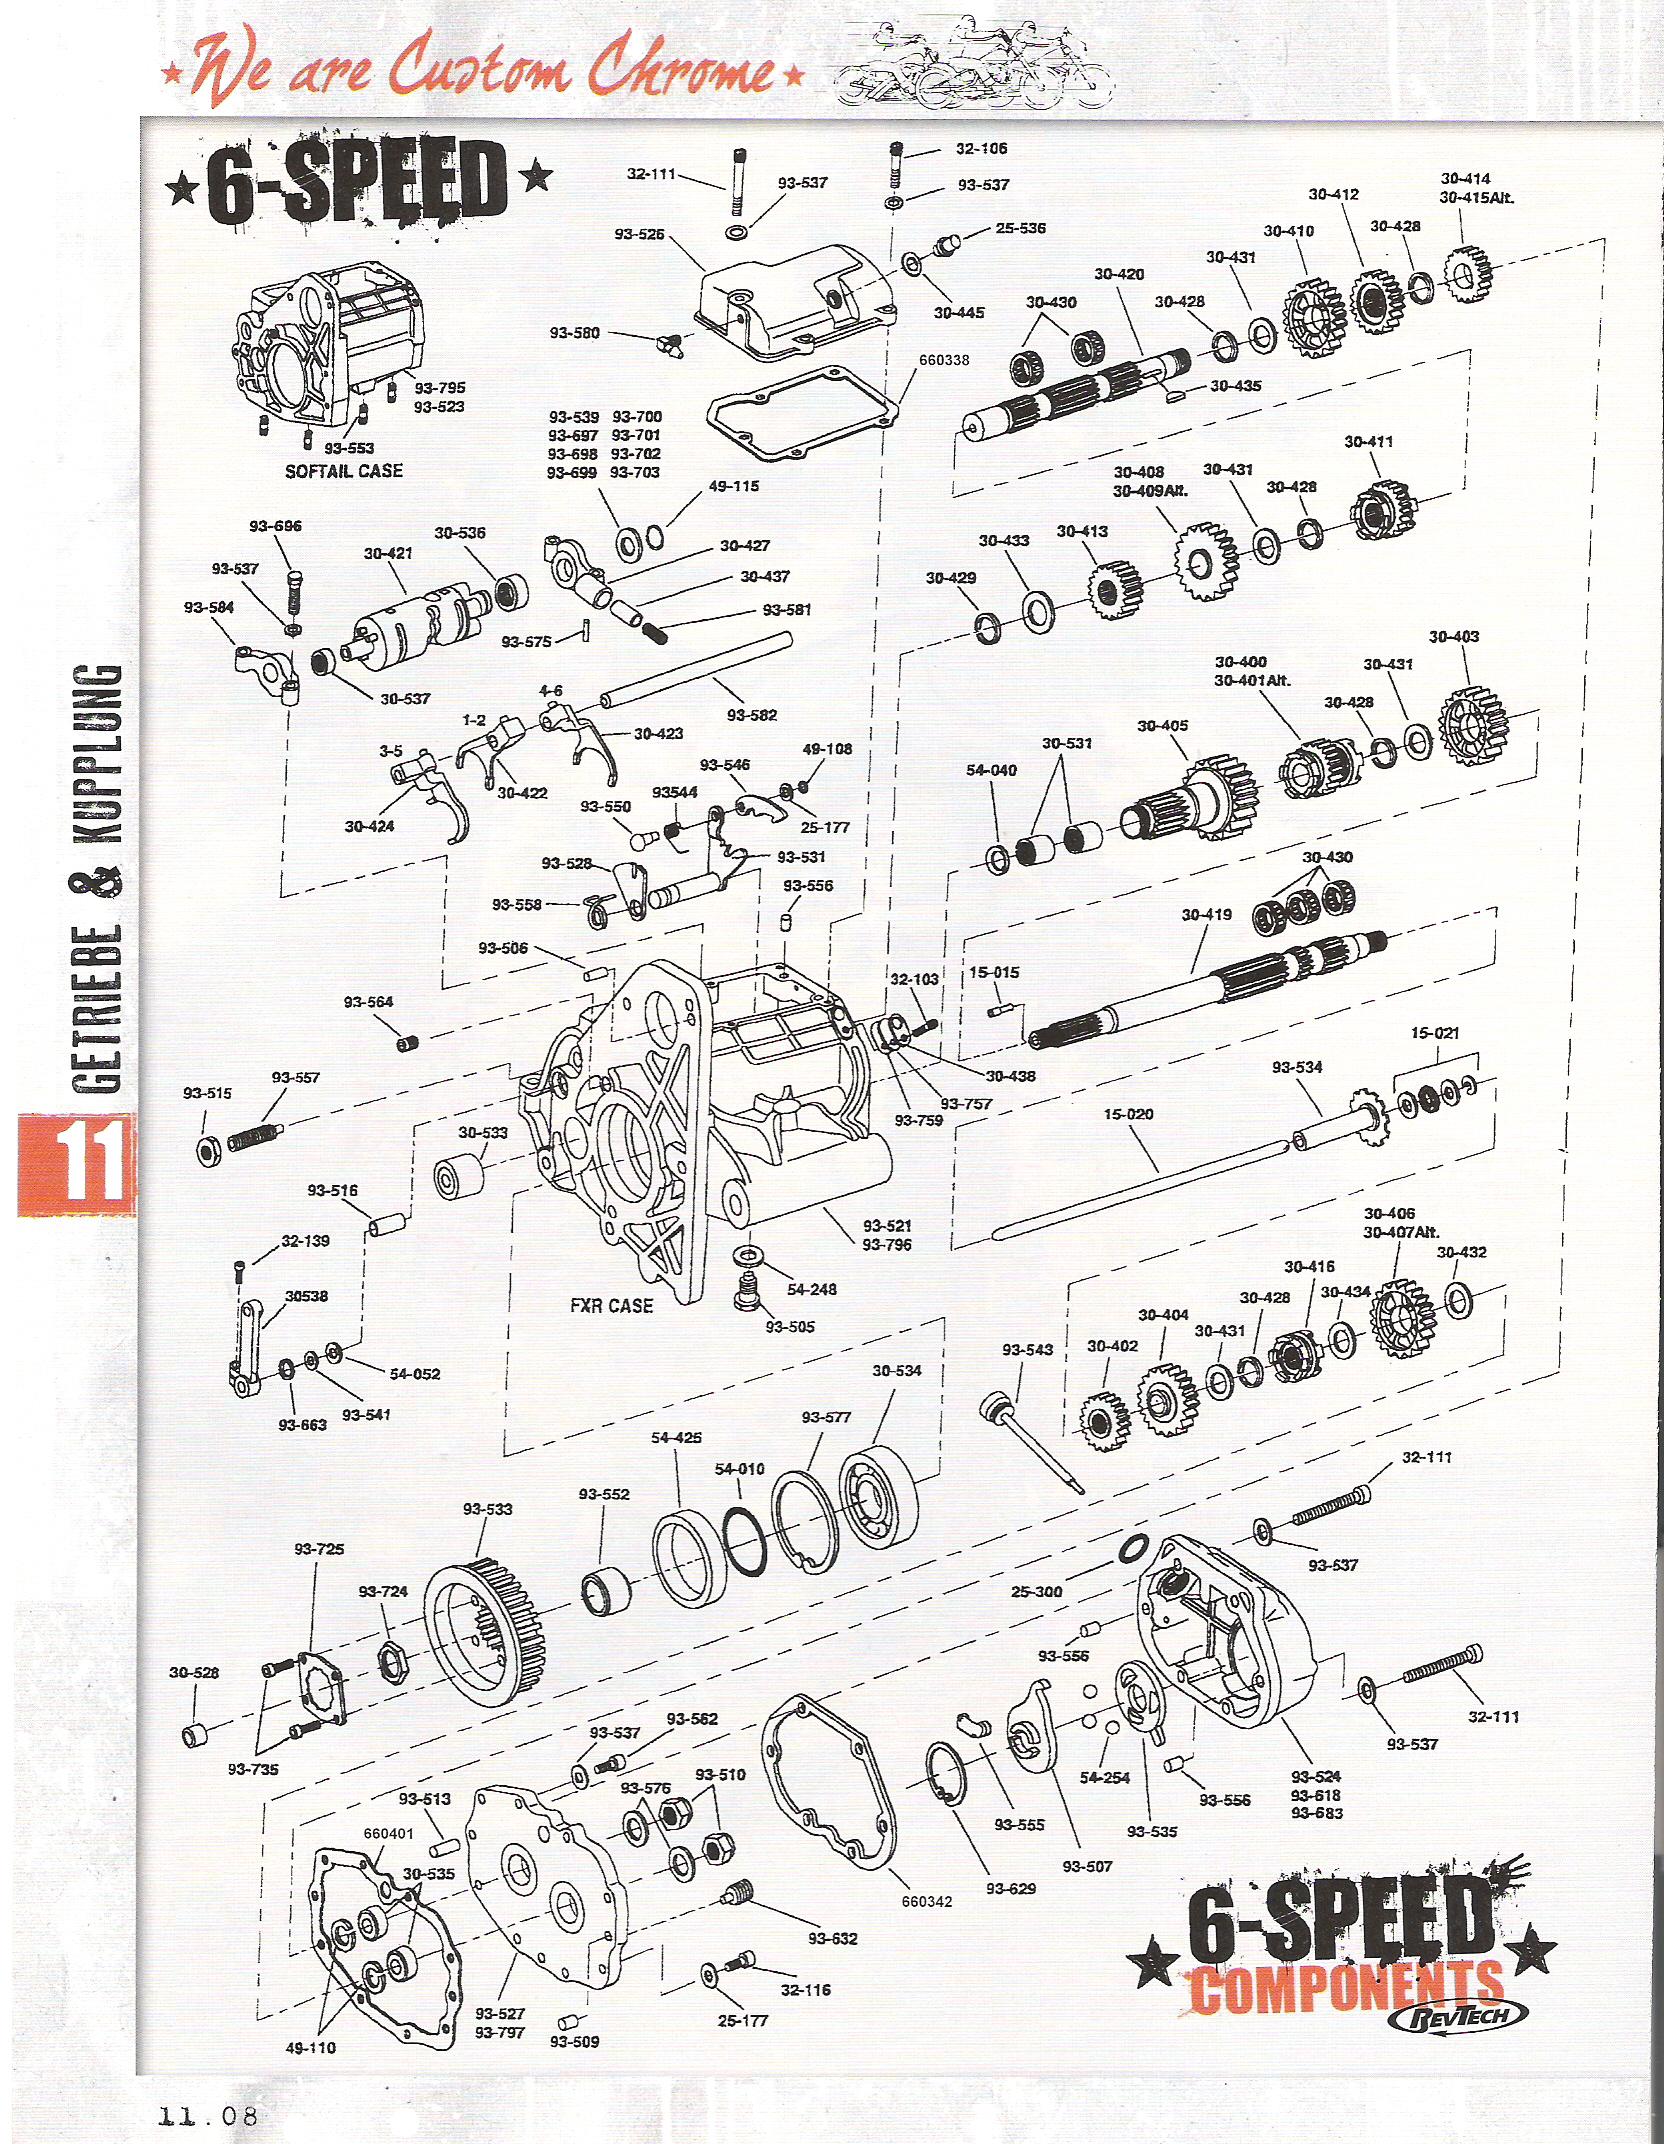 dish work 722k wiring diagram free picture